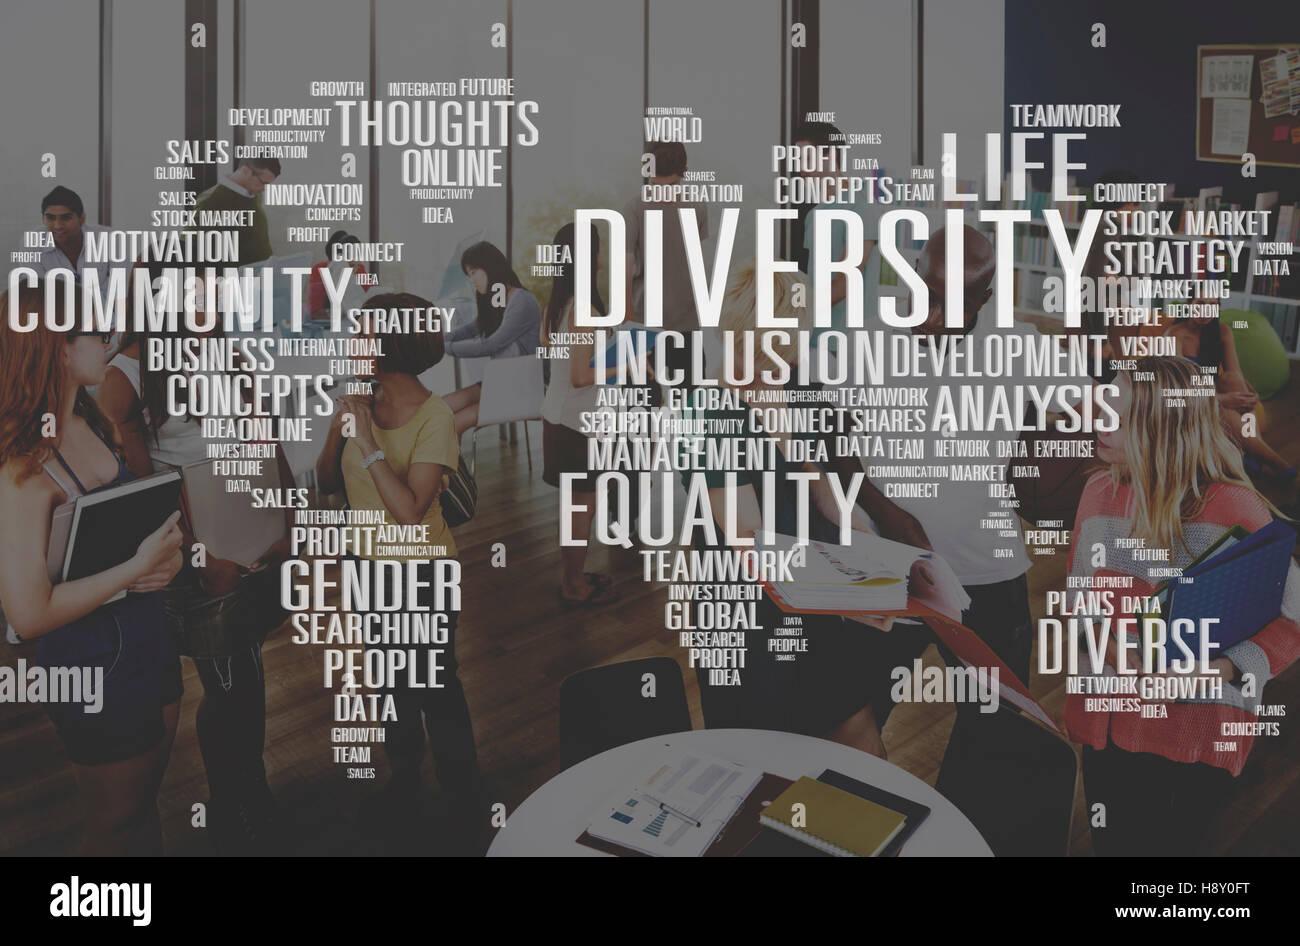 Diverse Equality Gender Innovation Management Concept - Stock Image